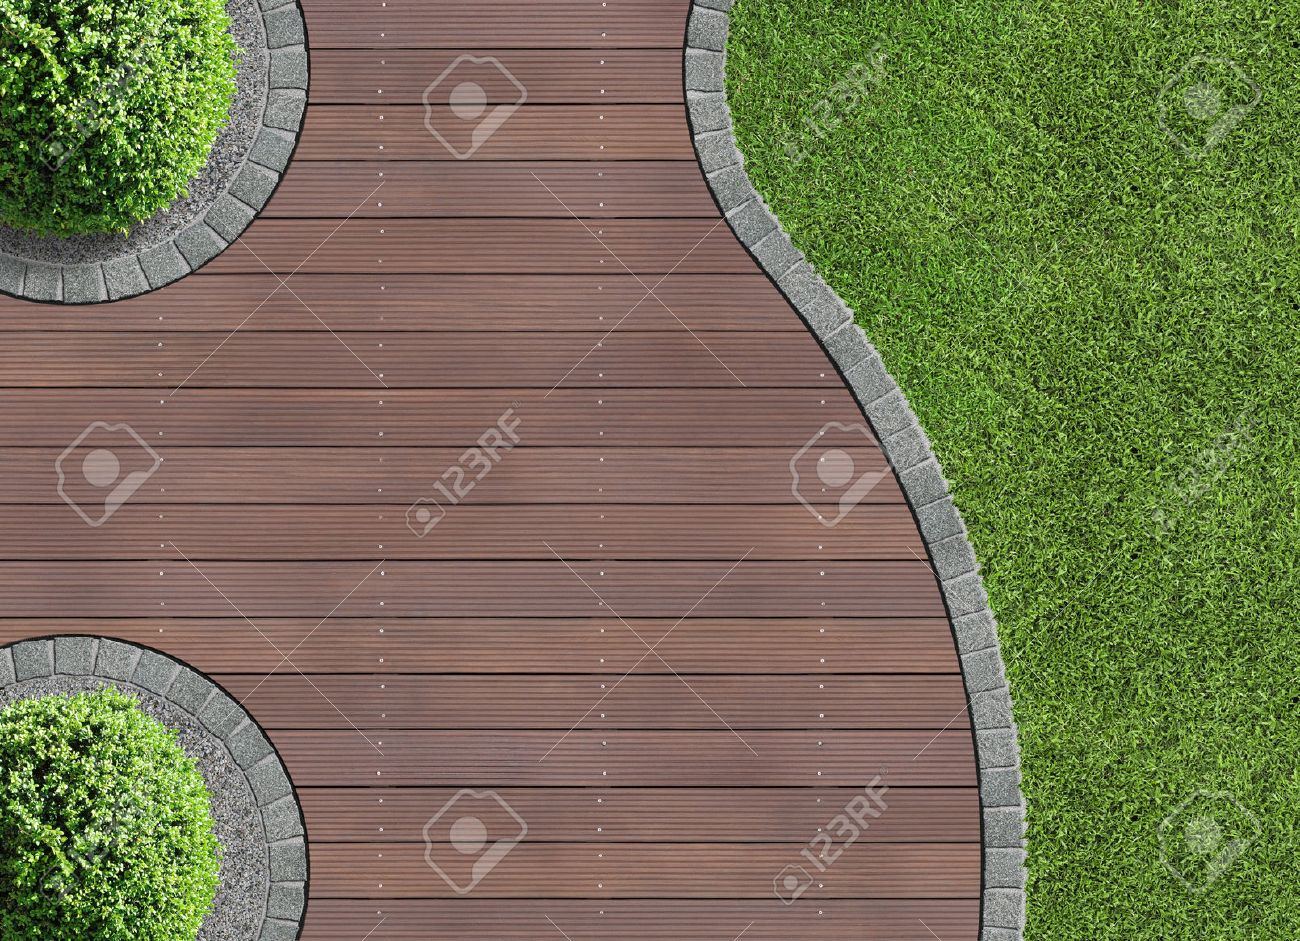 Detalle Jardín En Vista Aérea Con Terraza De Madera